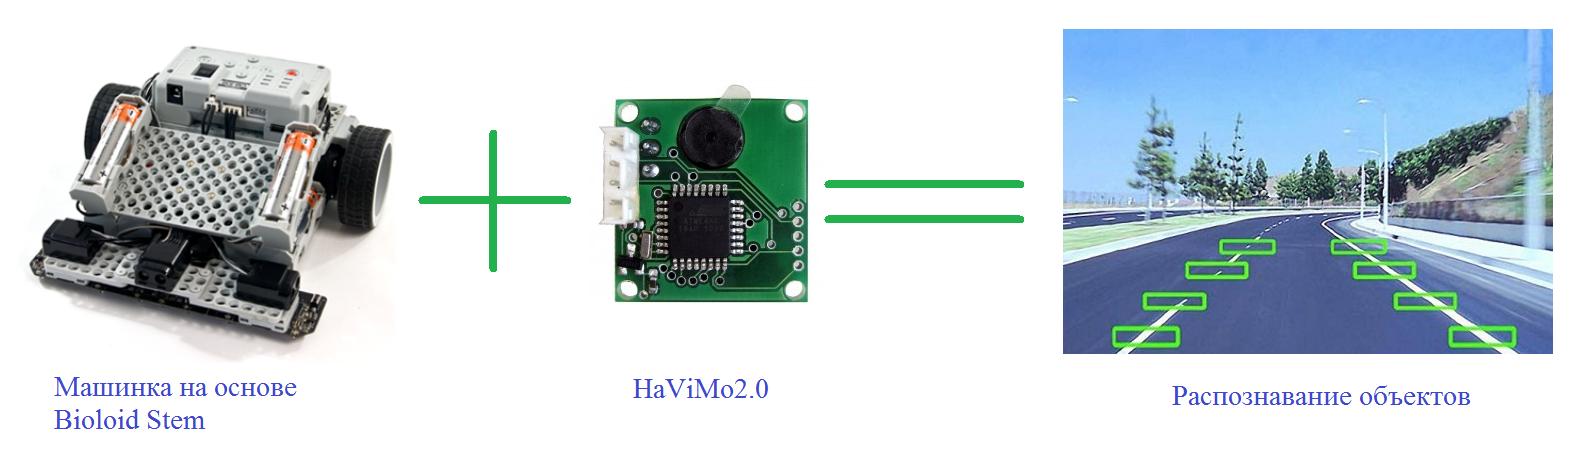 Осваиваем техническое зрение на примере Bioloid STEM и HaViMo2.0